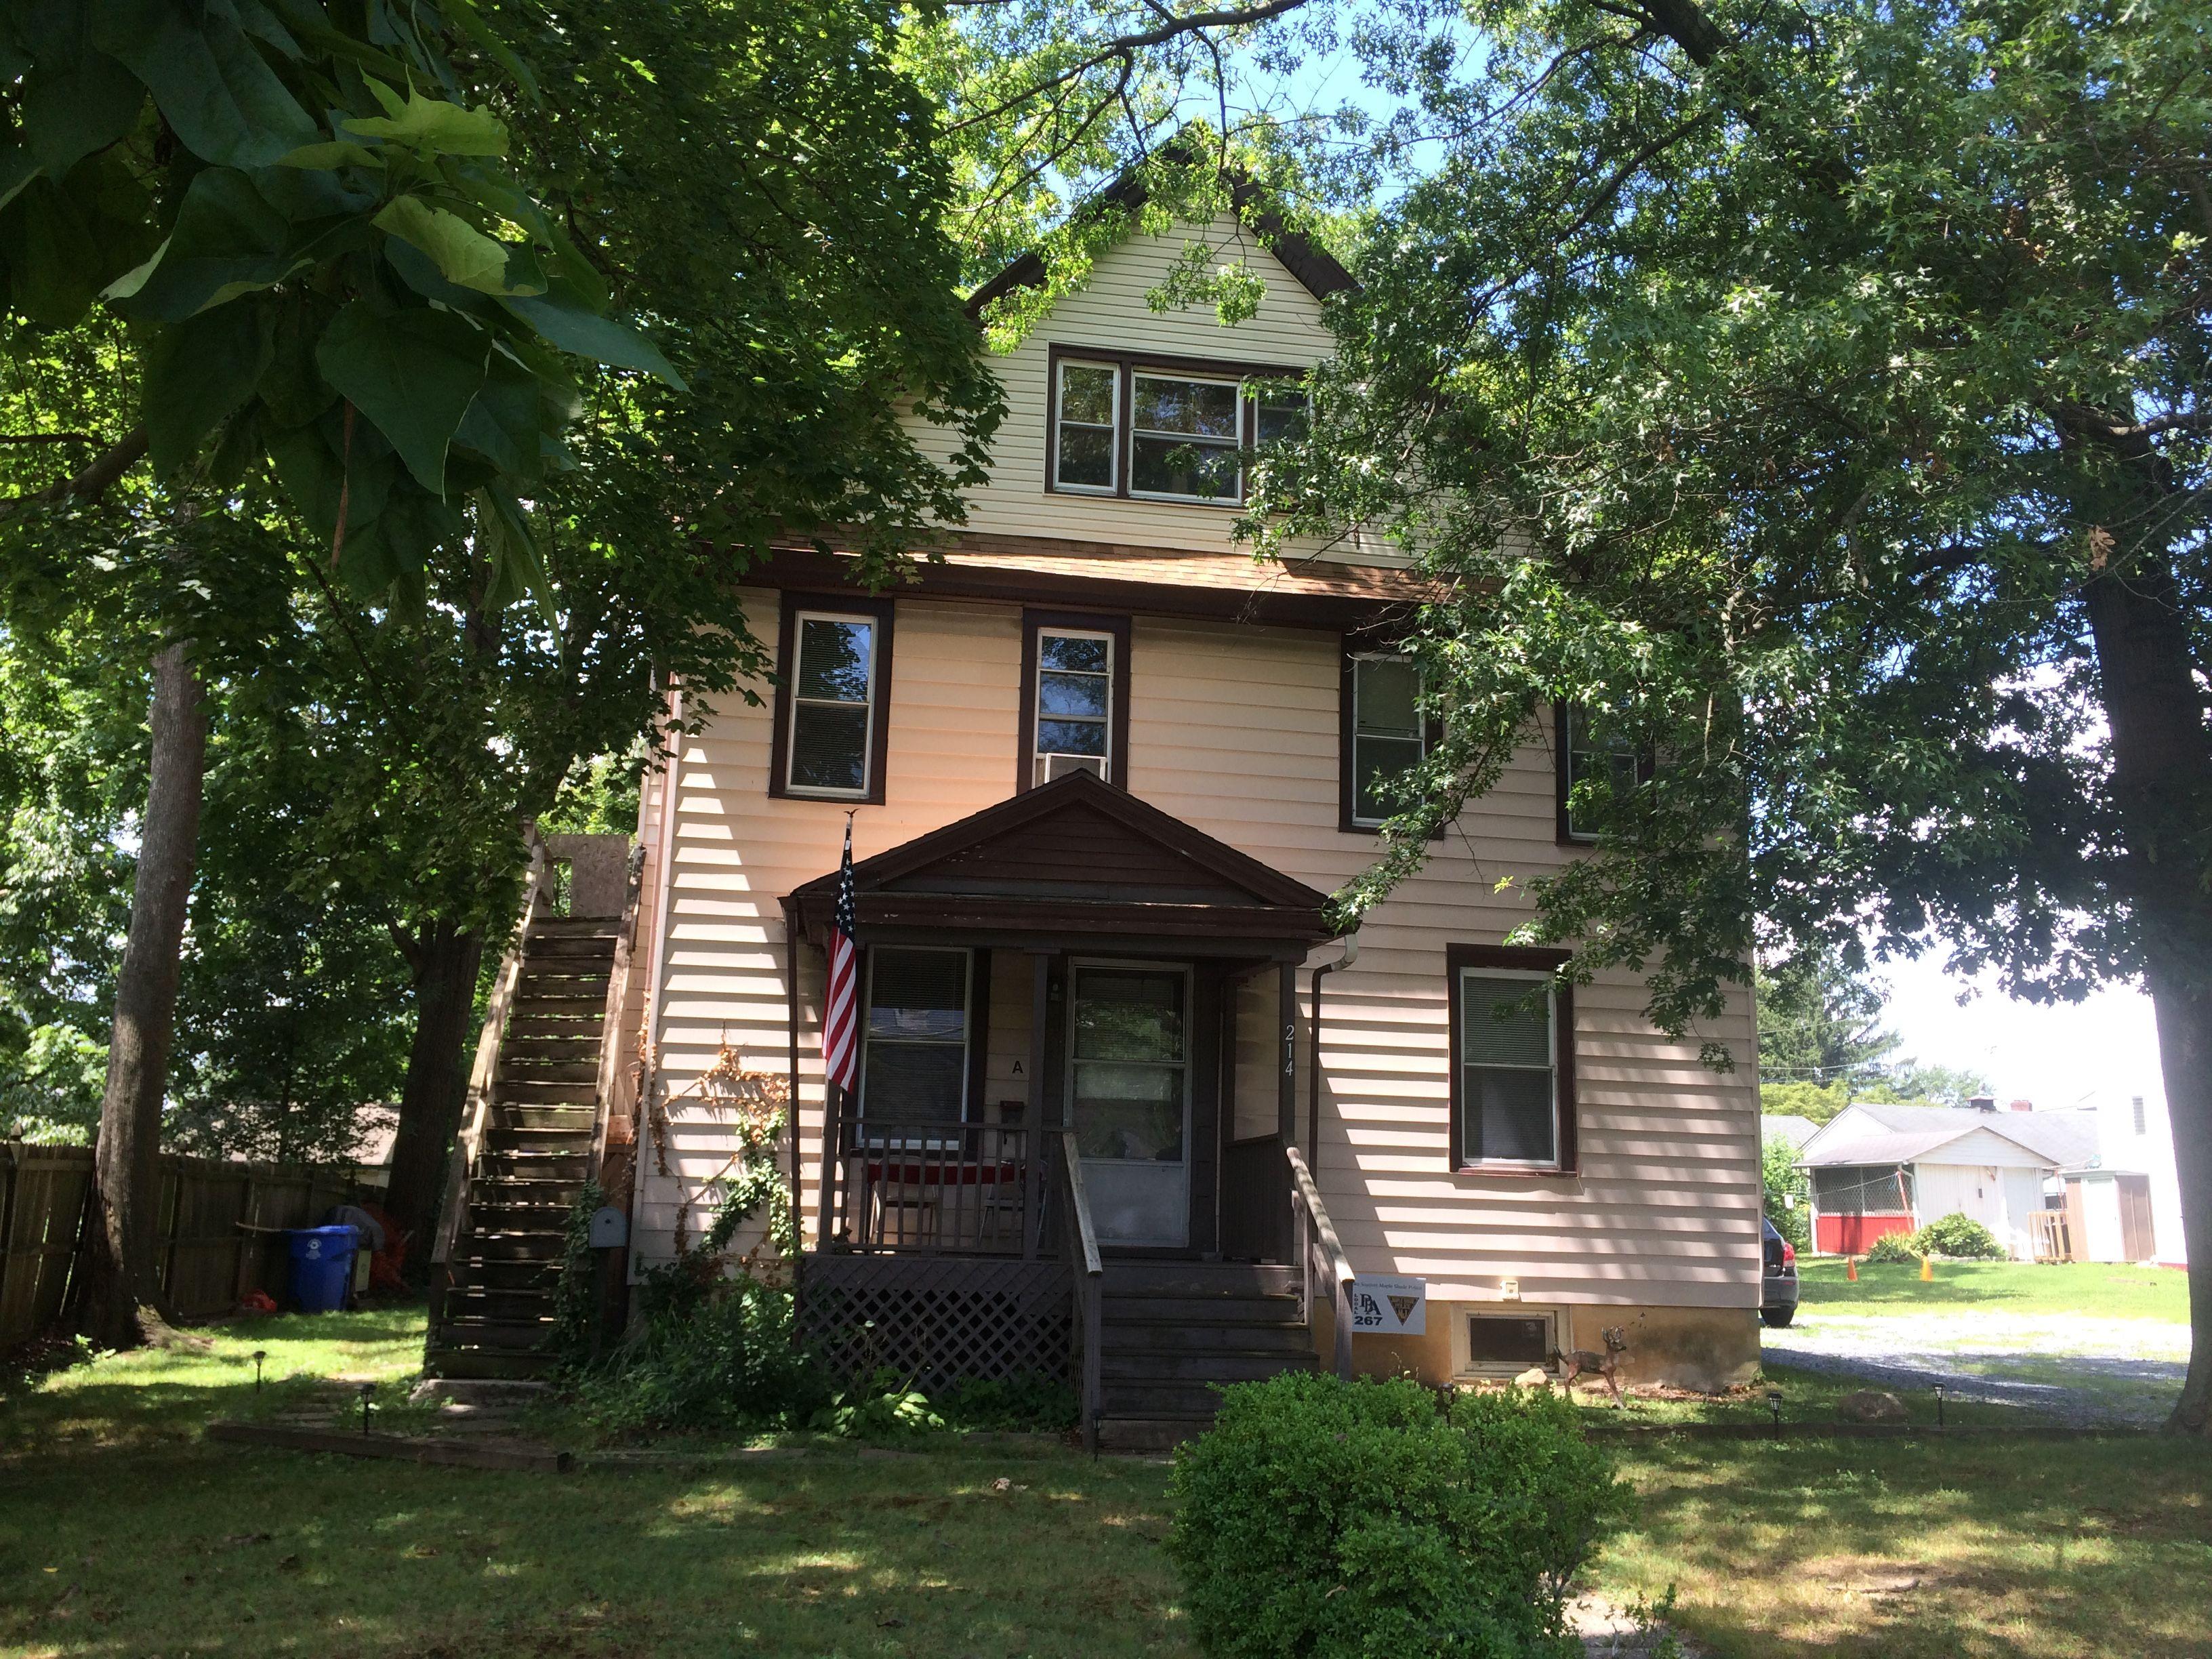 214 N Forklanding Rd, Maple Shade Township, NJ